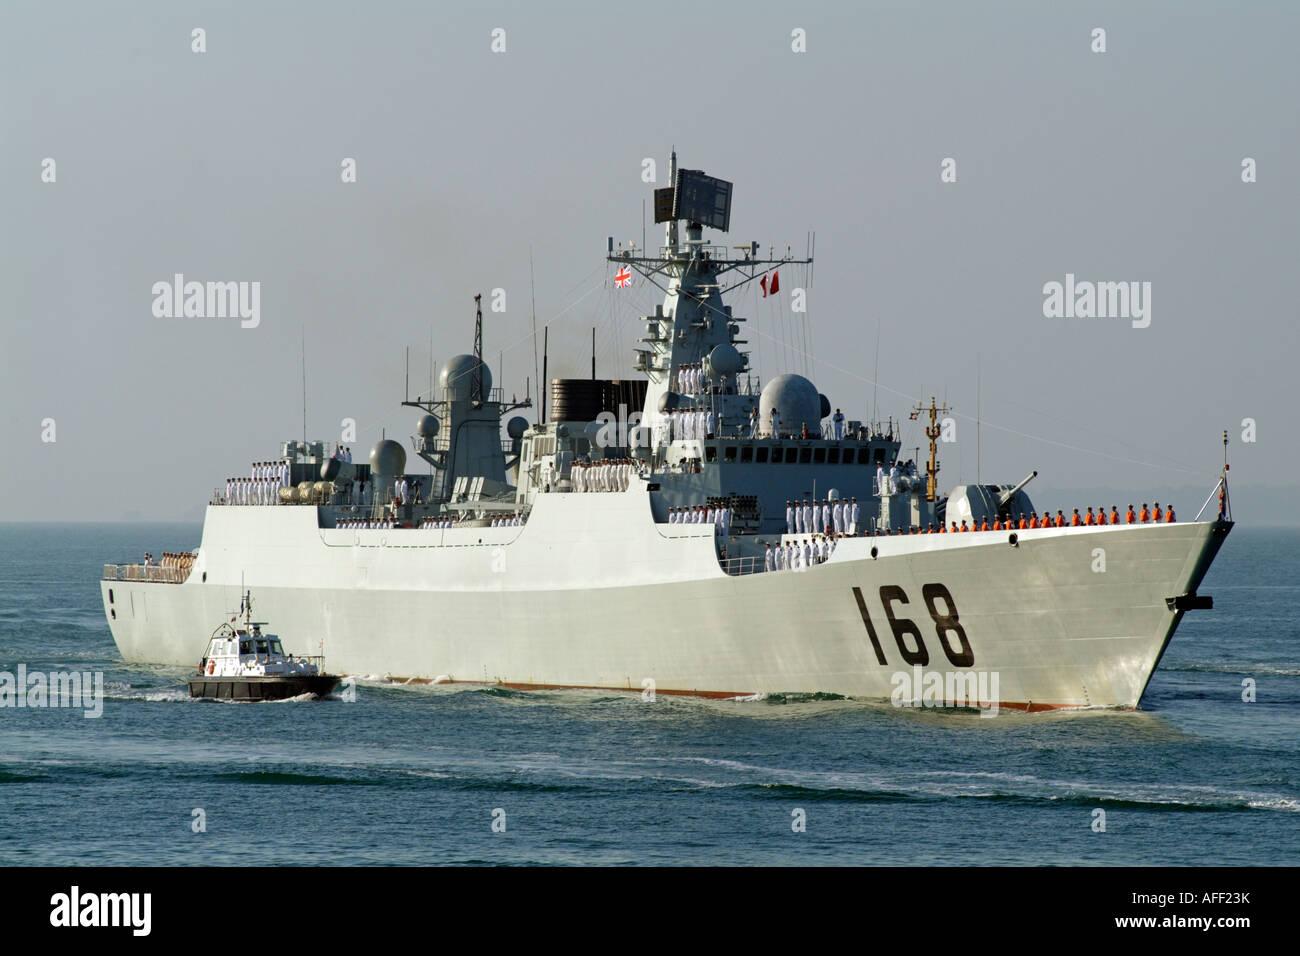 le-guangzhou-un-destroyer-lance-missiles